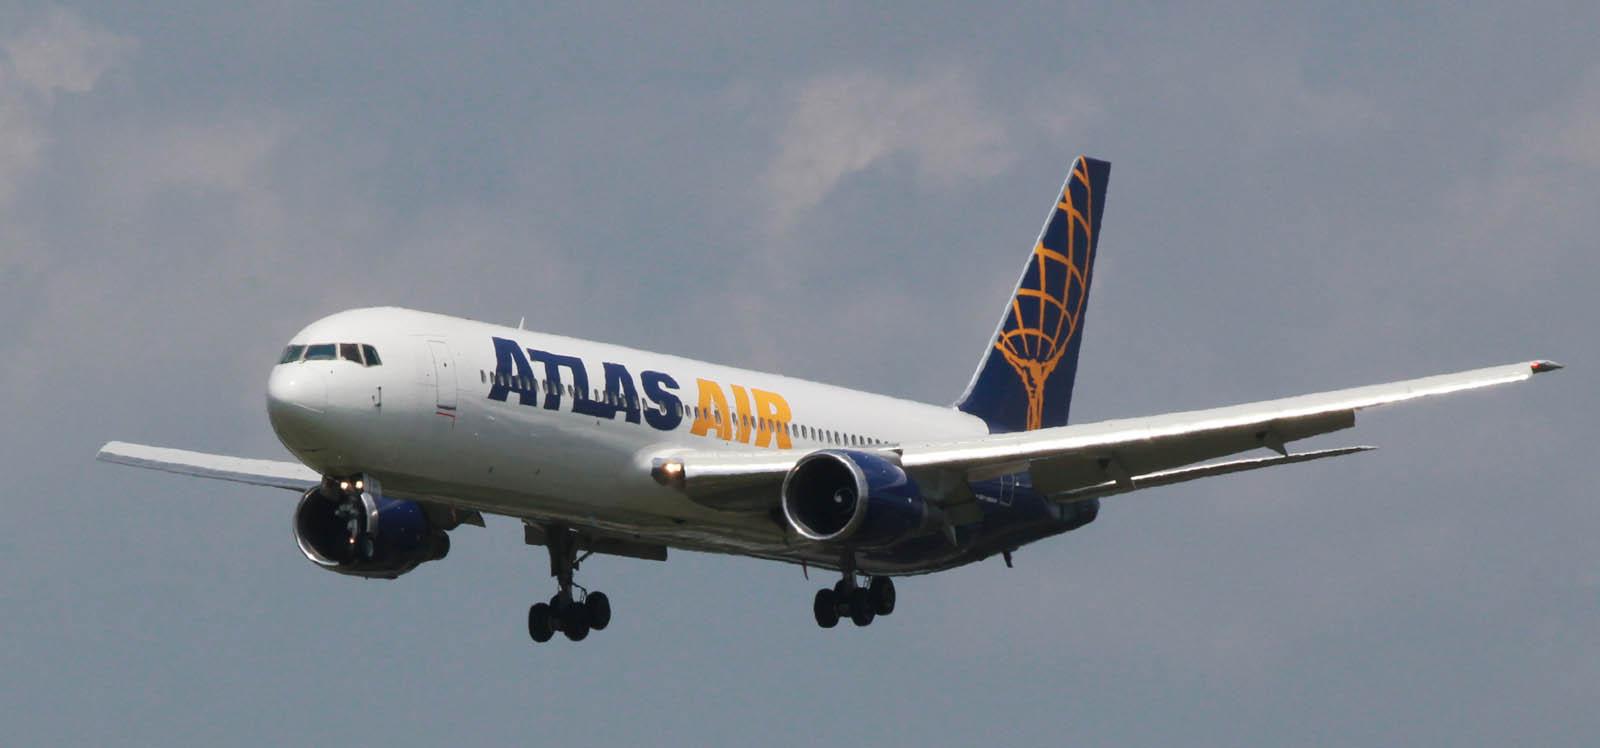 Atlas120601g609